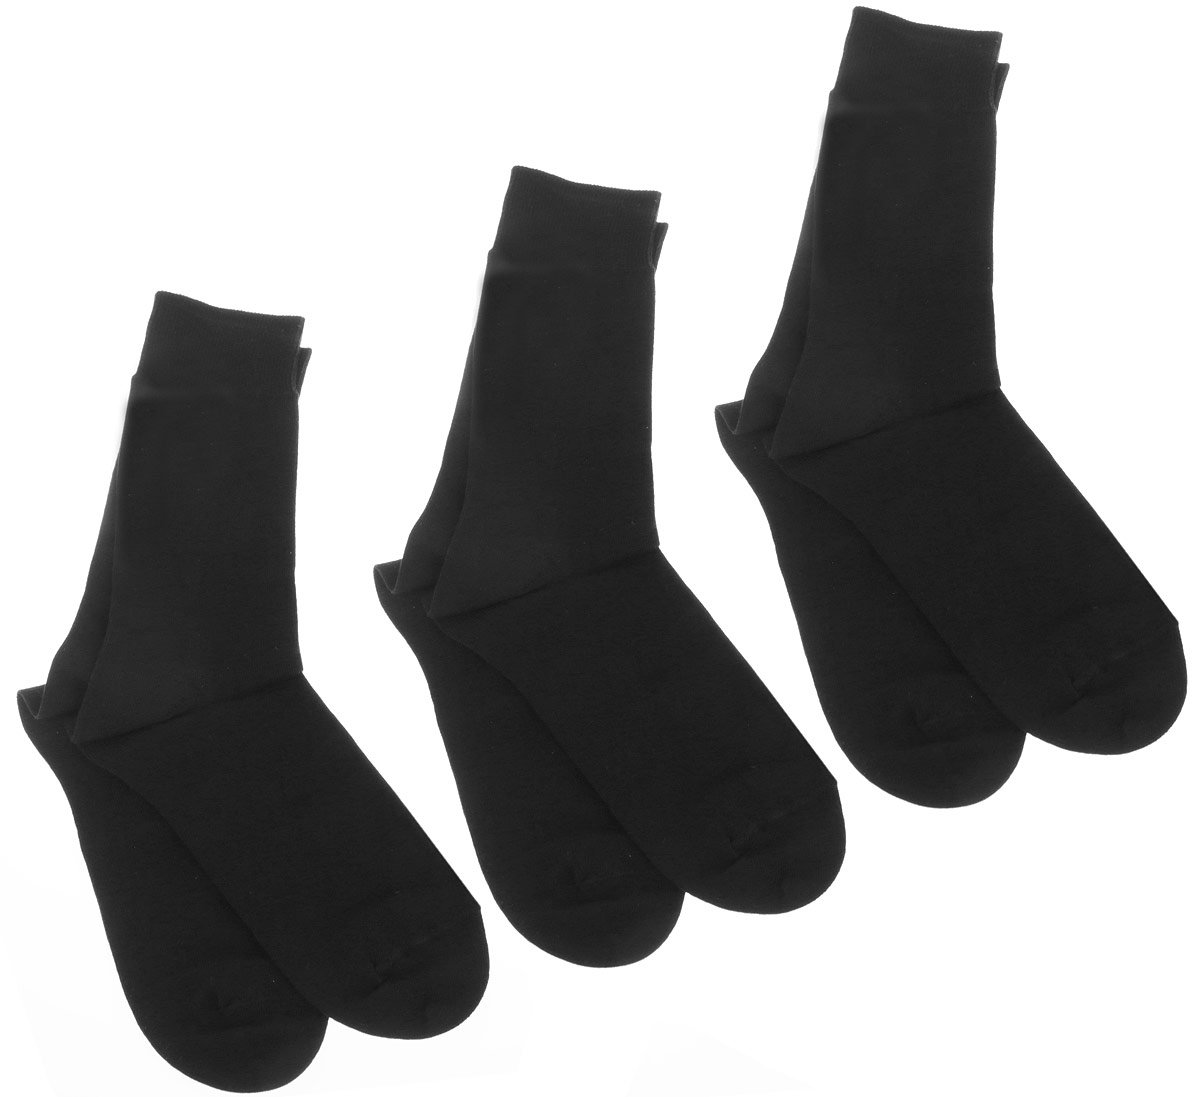 Носки мужские Smart Textile Гигиена-грибок, противогрибковые и антимикробные, цвет: черный, 3 пары. Н416. Размер 29Н416Противогрибковые носки ГИГИЕНА-ГРИБОК в ПУ (подарочной упаковке) послужат прекрасным атрибутом одежды Вашего мужчины. Эти носочки сделаны из высококачественной пряжи, с дополнительной обработке швейцарским препаратом Санитайзед Т 99-19. Благодаря ему, носки ГИГИЕНА-ГРИБОК надежно защитят ногти, пальцы и ступни ног от грибковых и гнойничковых заболеваний. Носки уменьшат неприятный запах пота. ПрепаратомСанитайзед Т 99-19 разработан в Швейцарии, не вызывает раздражения кожи. Данный противогрибковый препарат, которым пропитаны текстильные волокна, выделяется из ткани,пока Вы носите носки, благодаря чему обеспечивается надёжная защита от болезнетворных микроорганизмов в течение длительного времени. Противогрибковые носки сохраняют антимикробную активность до десяти стирок. Но даже после этого, в вашем гардеробе останутся обычные носочки, которые послужат вам не один месяц. Данные носки стали ДИПЛОМАНТОМ всероссийского конкурса 100 лучших товаров России. В комплект входят 3 пары носков.